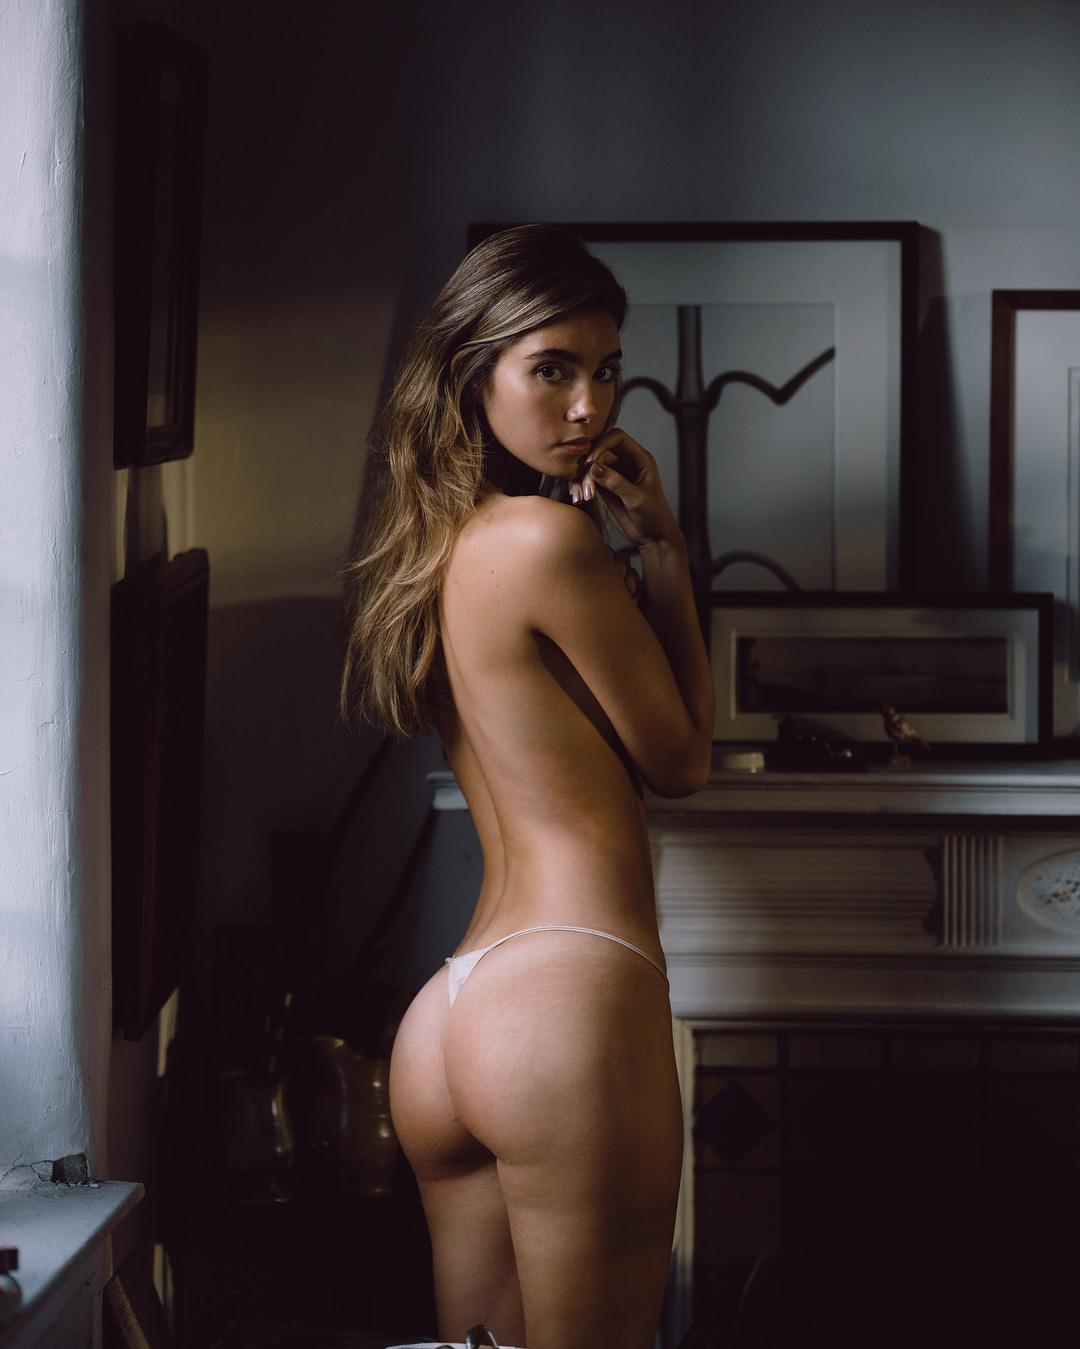 XXX Cindy Mello nude photos 2019